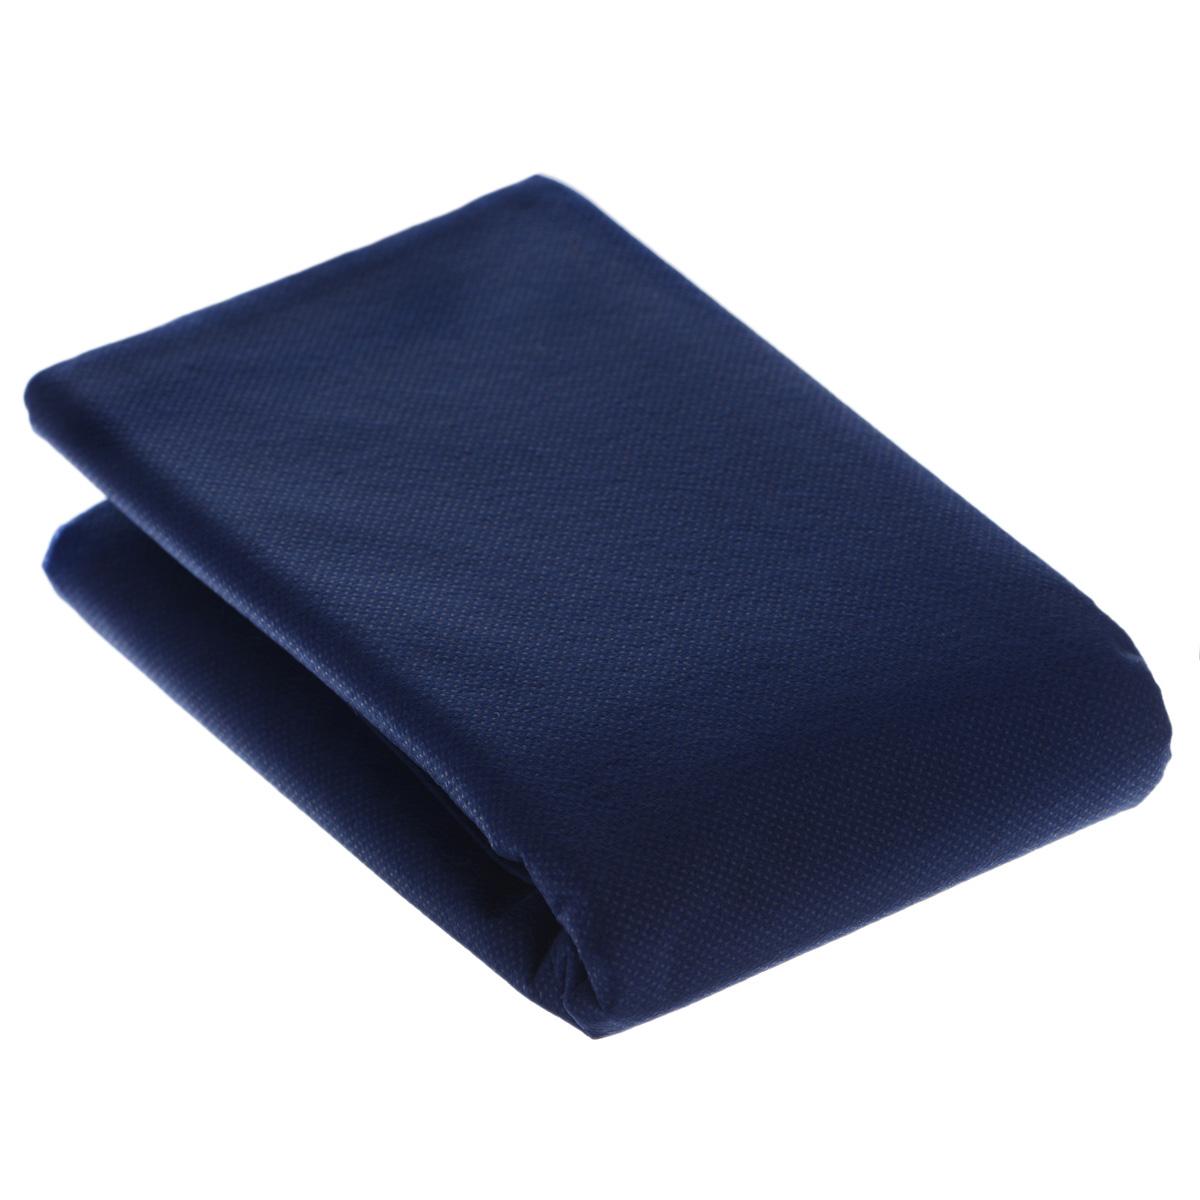 Скатерть Boyscout, прямоугольная, цвет: синий, 140x 110 см61709Прямоугольная одноразовая скатерть Boyscout выполнена из нетканогополимерного материала типа спанбонд и предназначена для применения в домашнемхозяйстве, на пикнике, на даче, в туризме.Такая салфетка добавит ярких красок любому мероприятию.